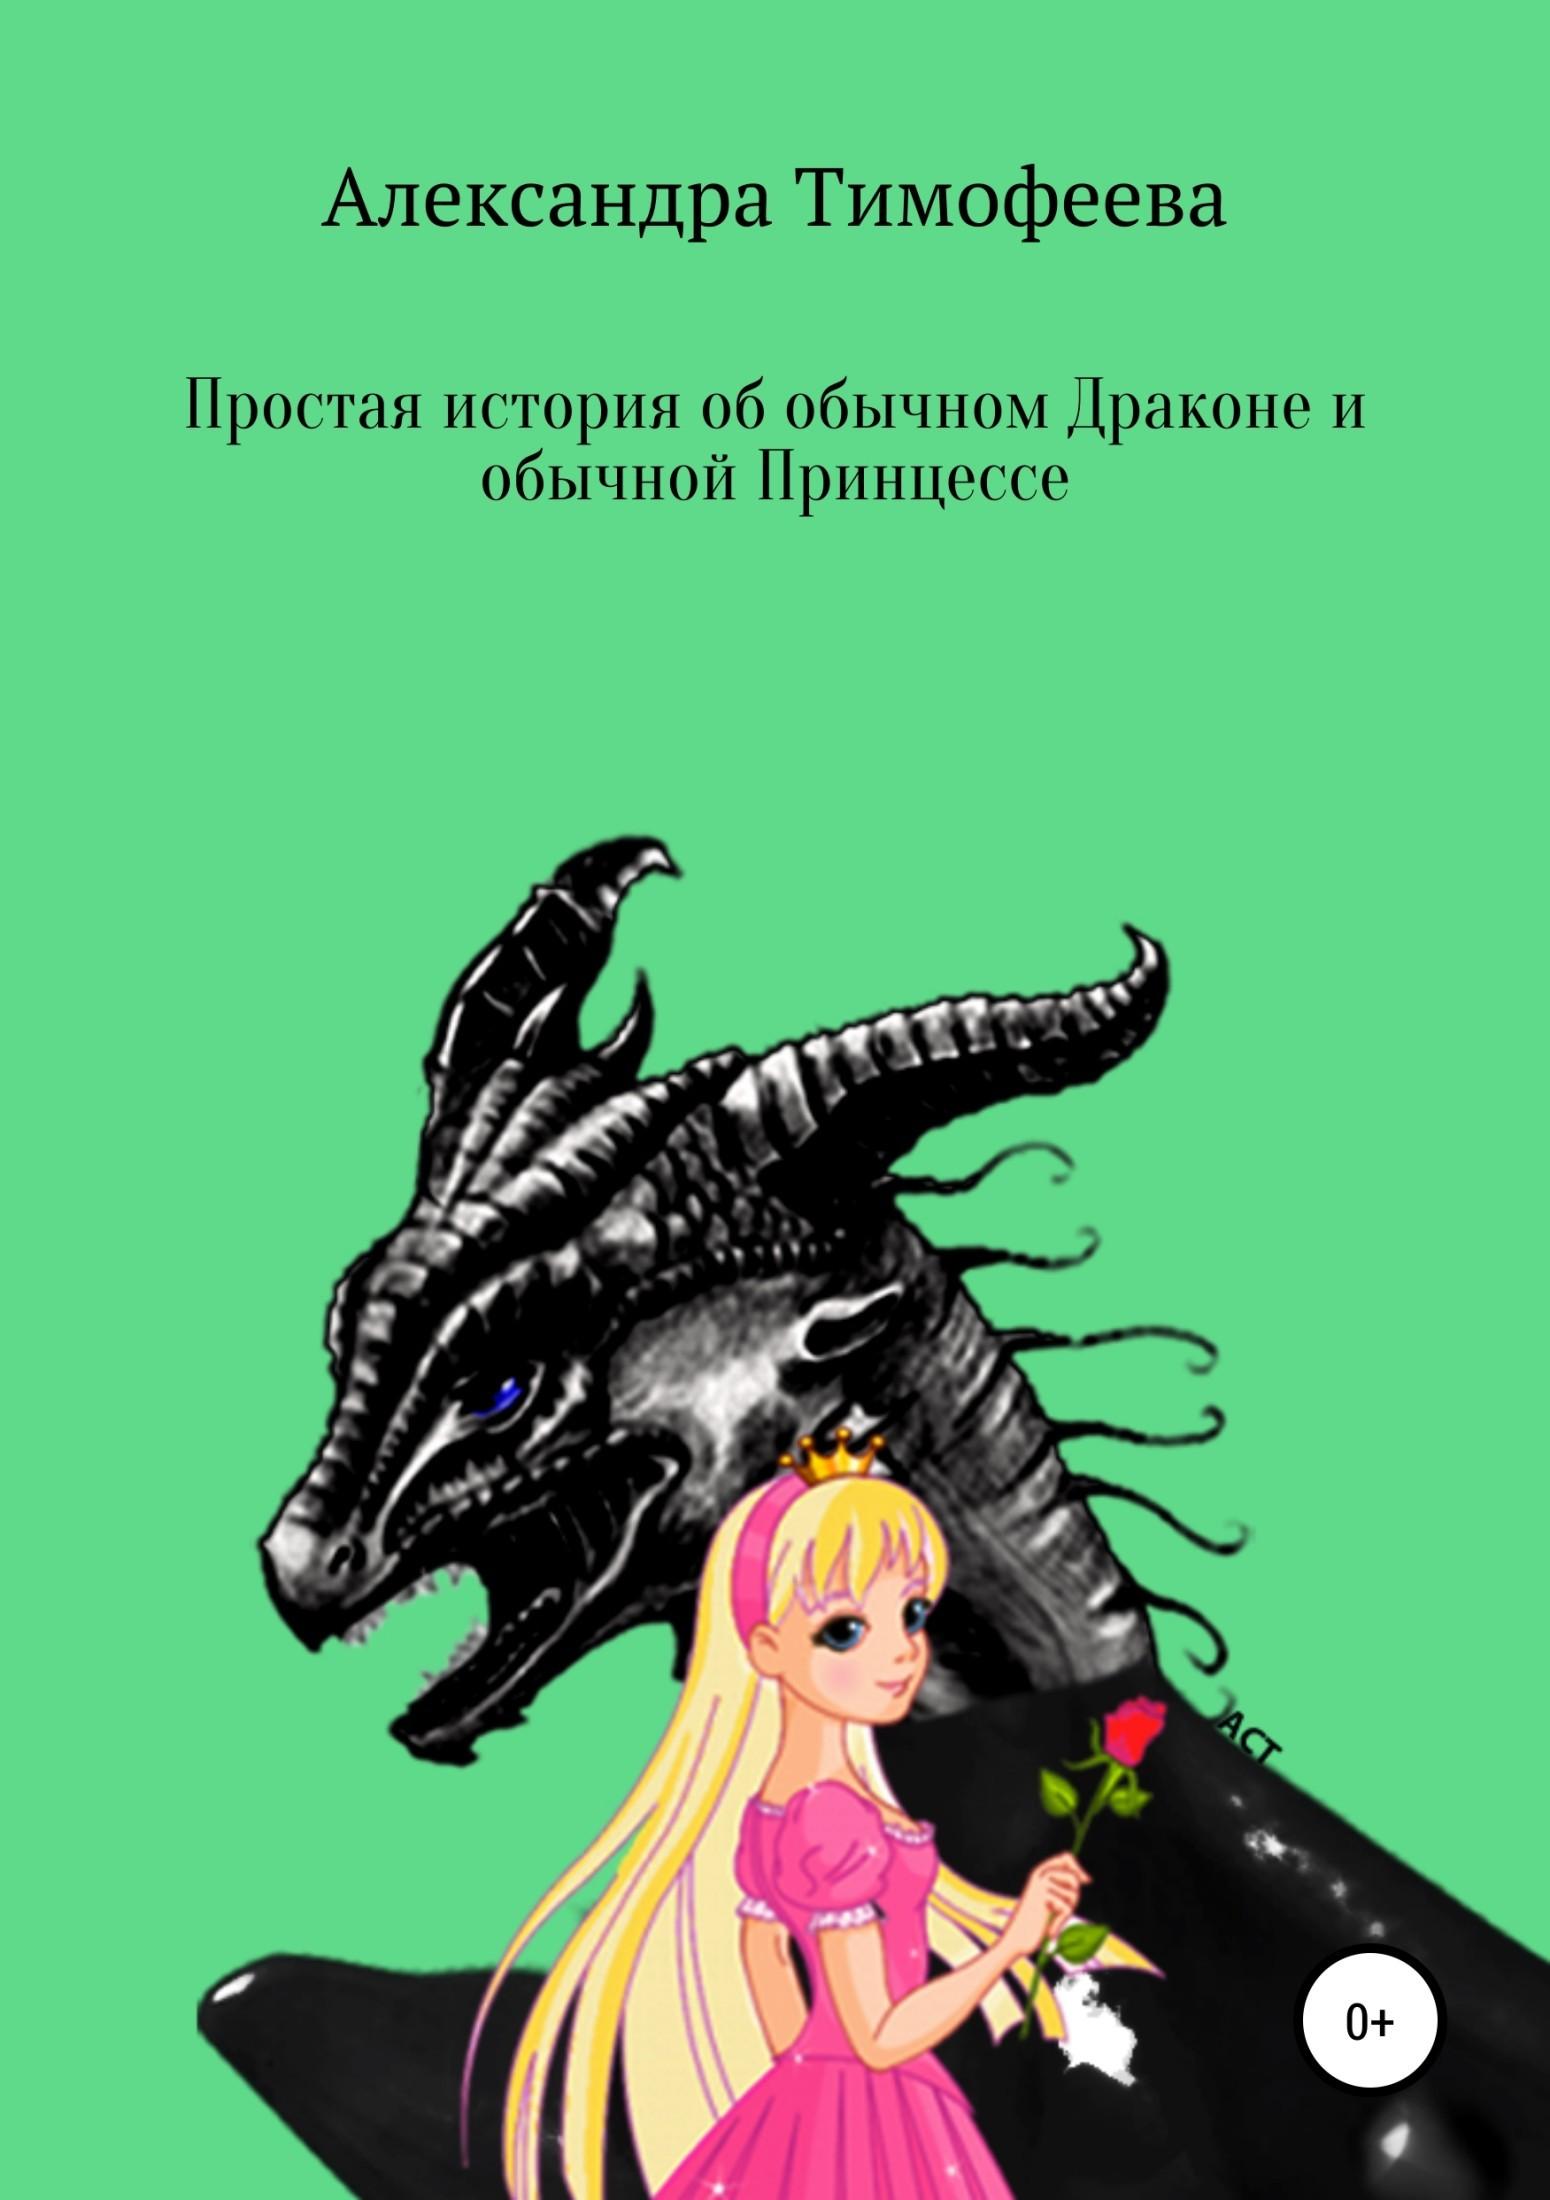 Александра Сергеевна Тимофеева Простая история об обычном Драконе и обычной Принцессе